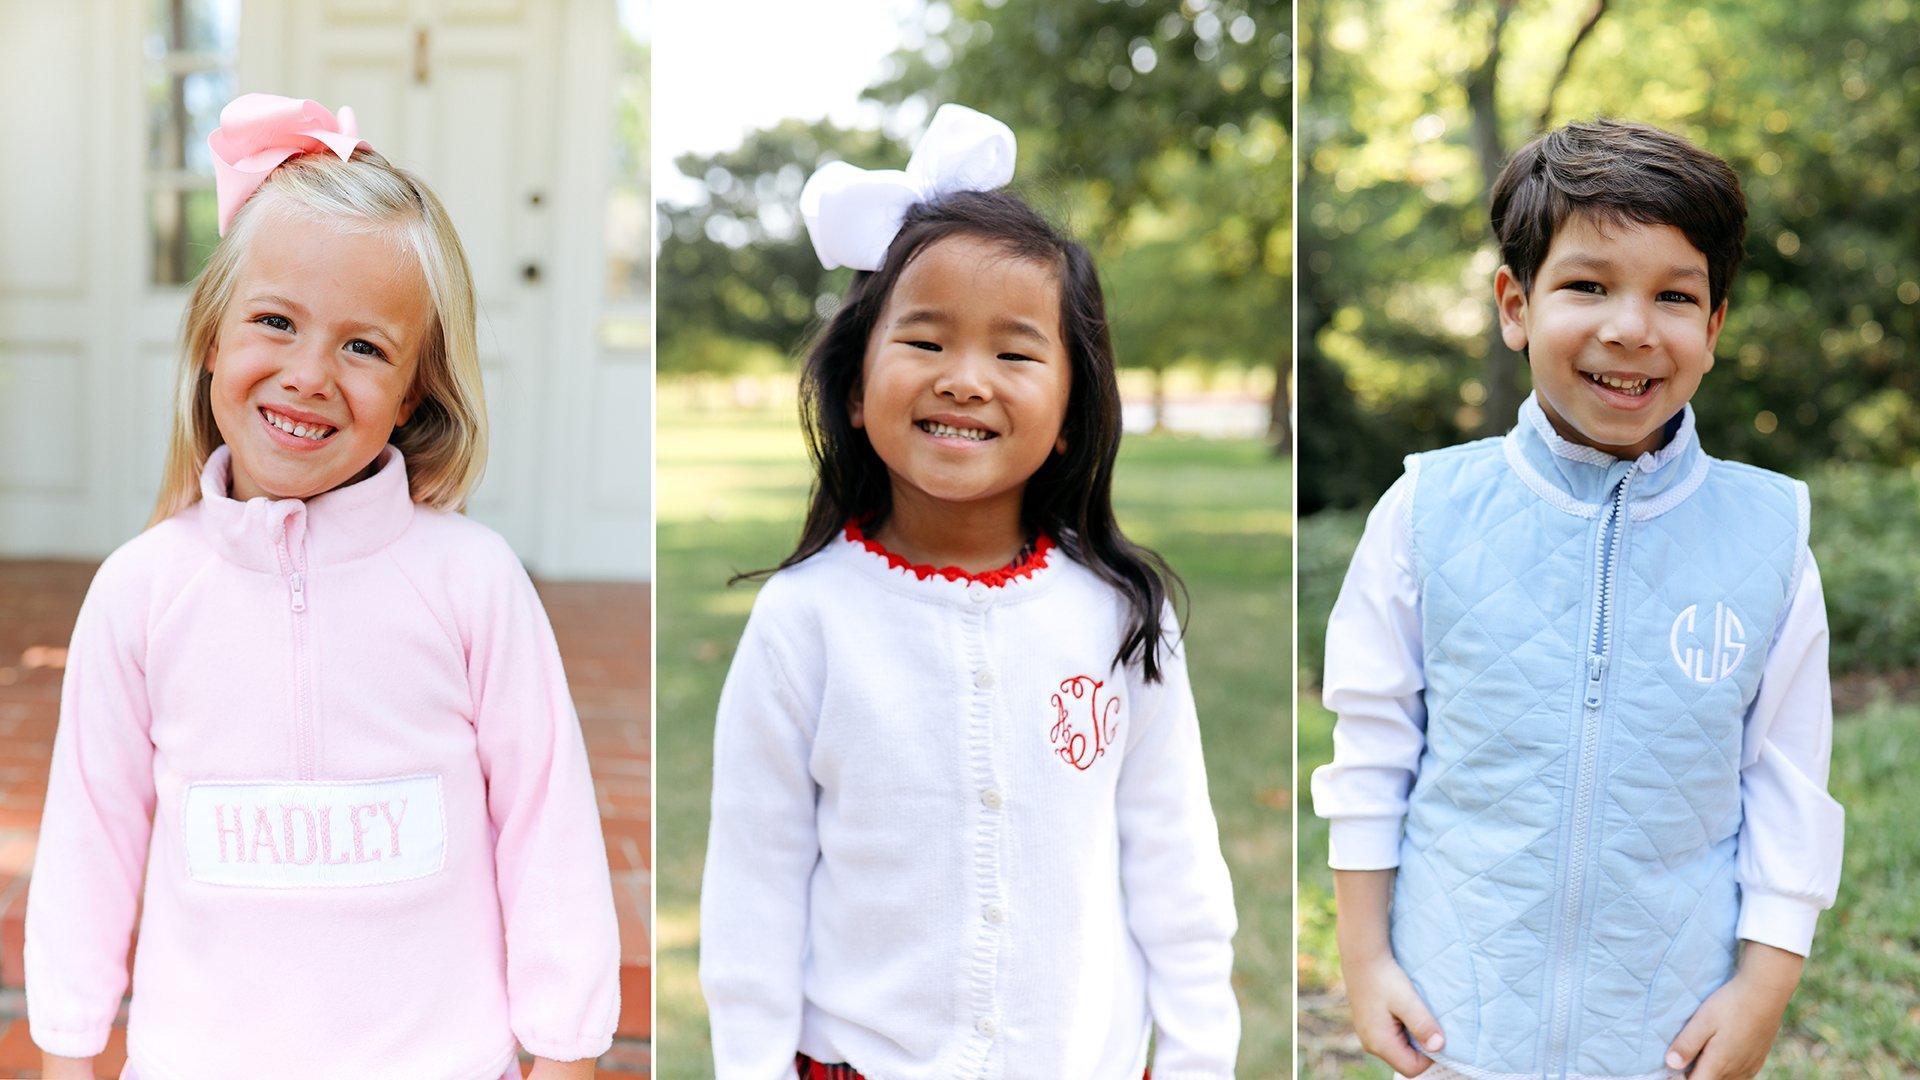 Childrens Outerwear